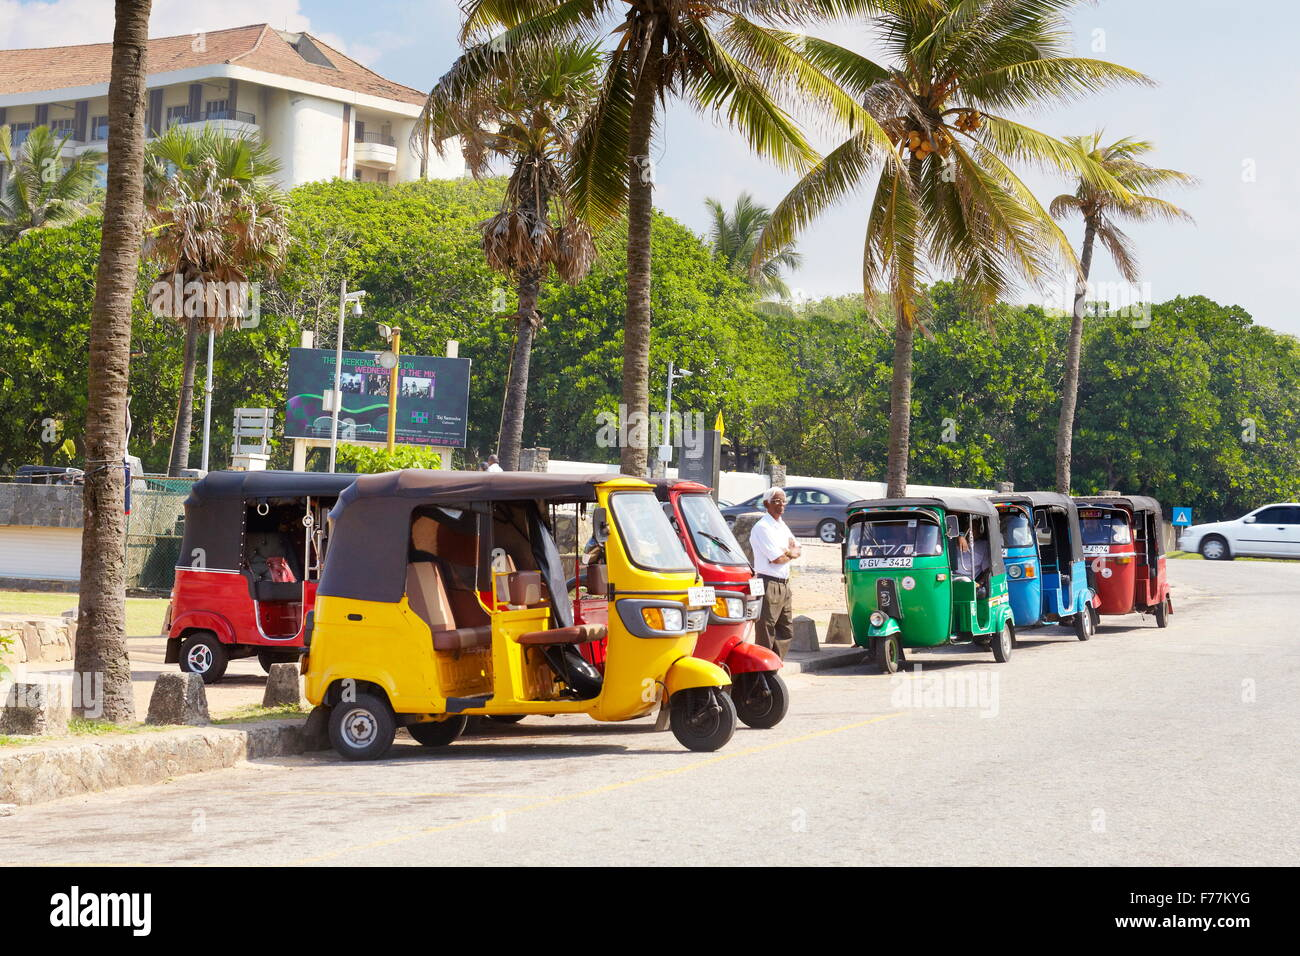 Sri Lanka - Colombo, Tuk Tuk Taxi, typische Art und Weise des Transports Stockbild